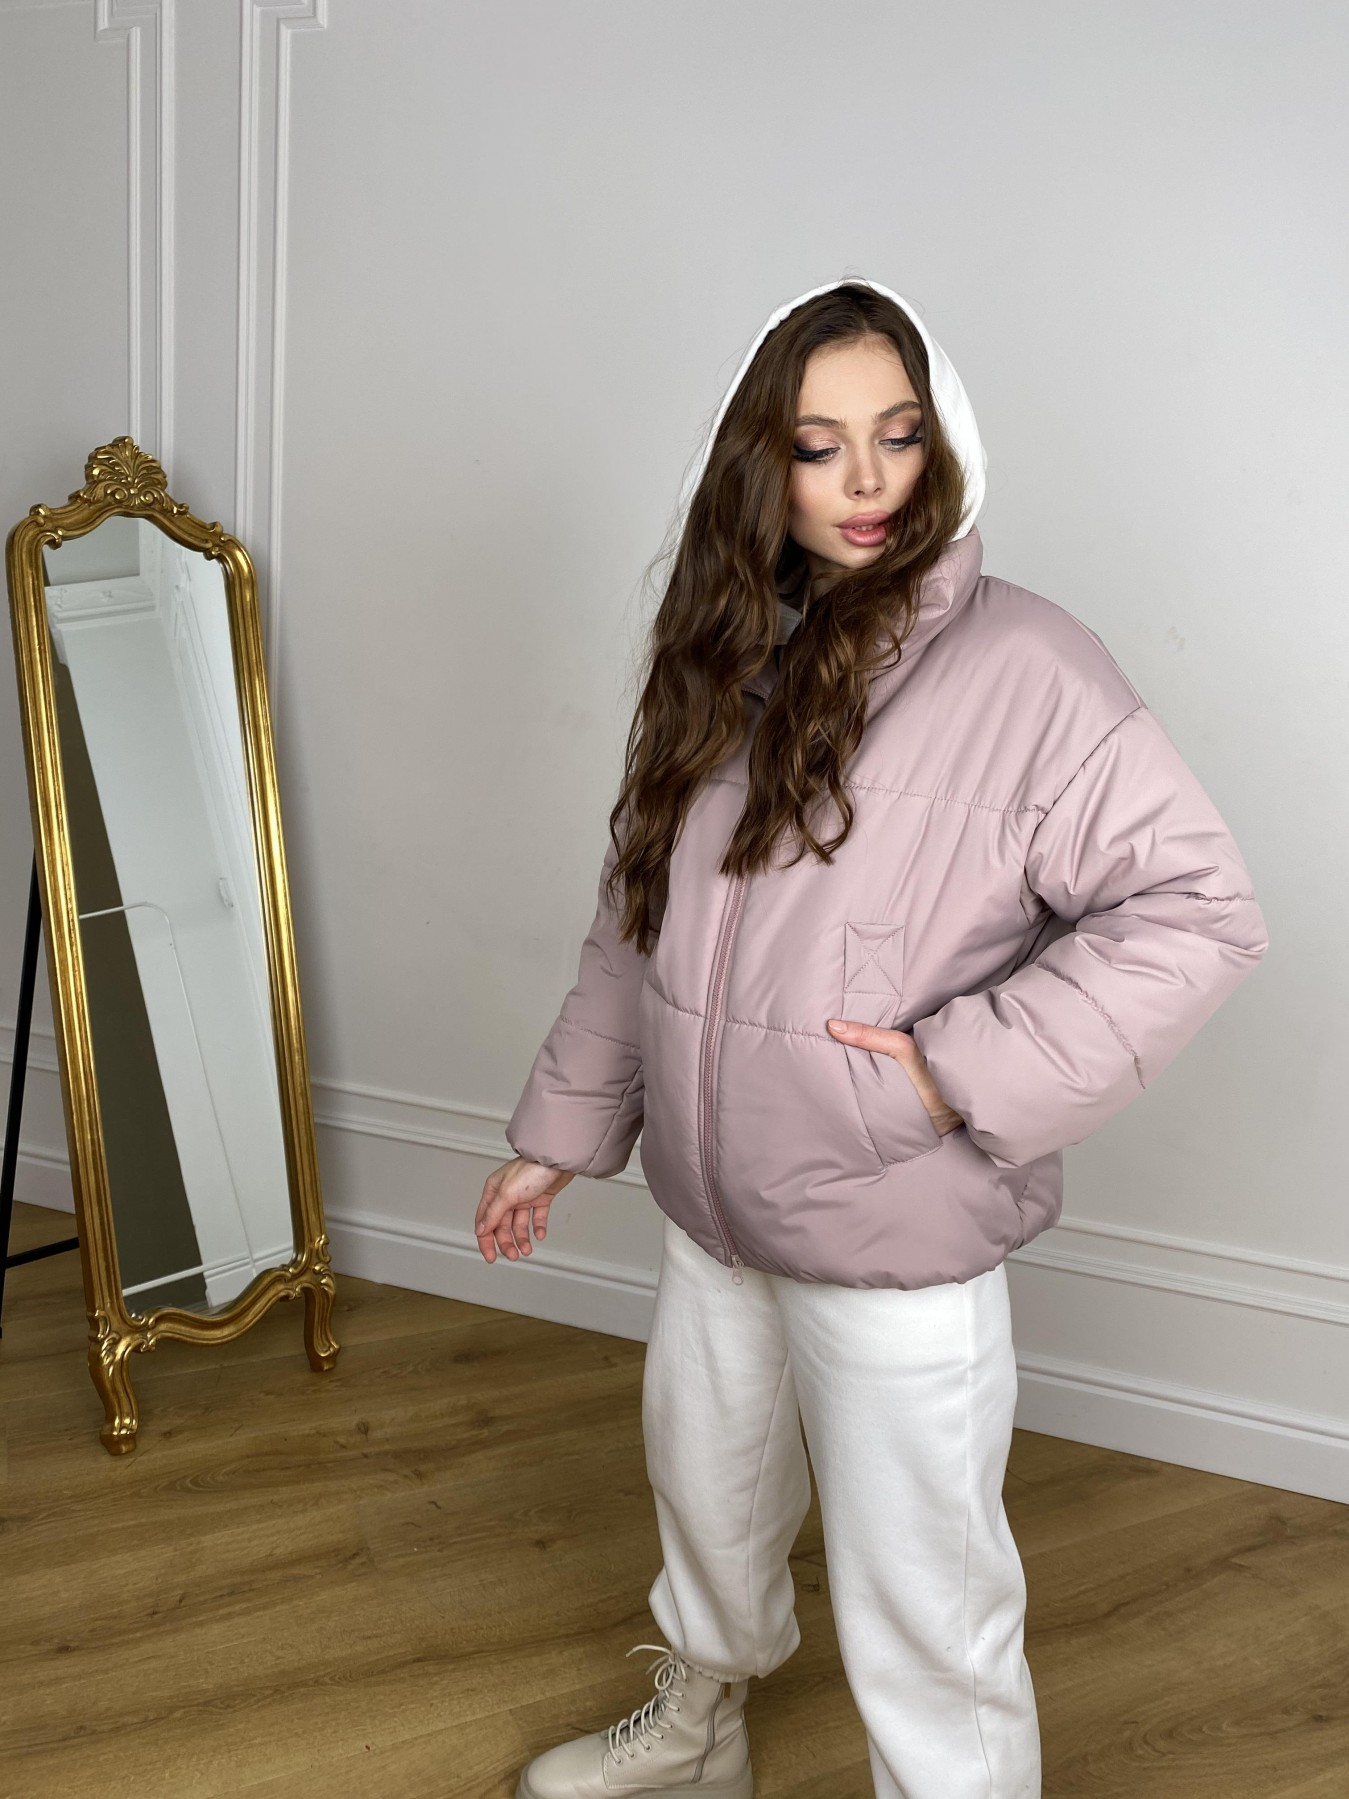 Муд куртка из плащевой ткани 10509 АРТ. 46917 Цвет: Пудра - фото 9, интернет магазин tm-modus.ru